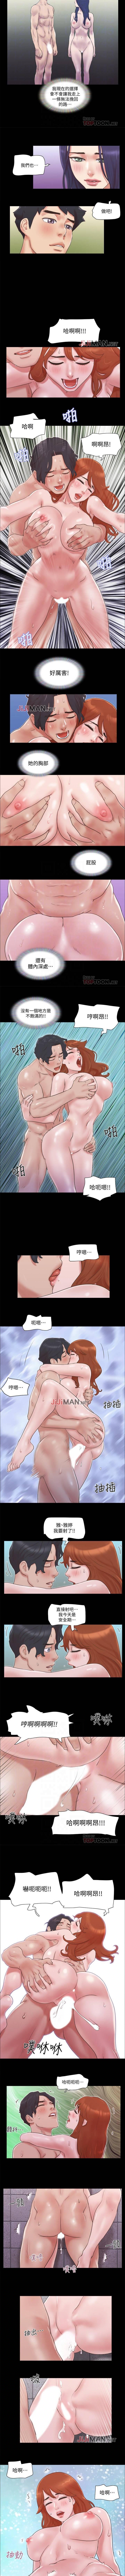 【周五连载】协议换爱(作者:遠德) 第1~62话 238